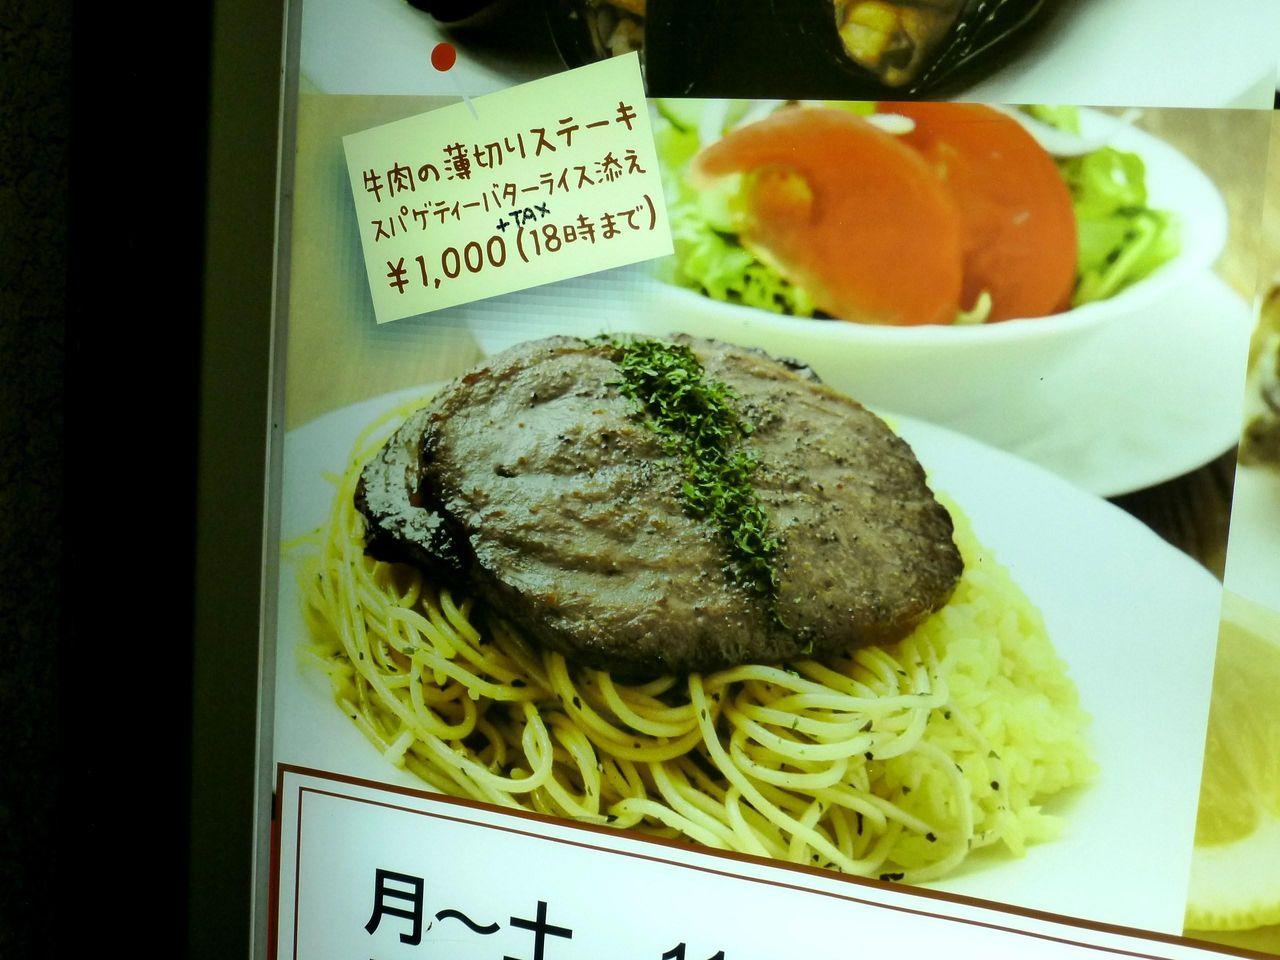 テレビ番組で紹介された、牛肉の薄切りステーキ950円!